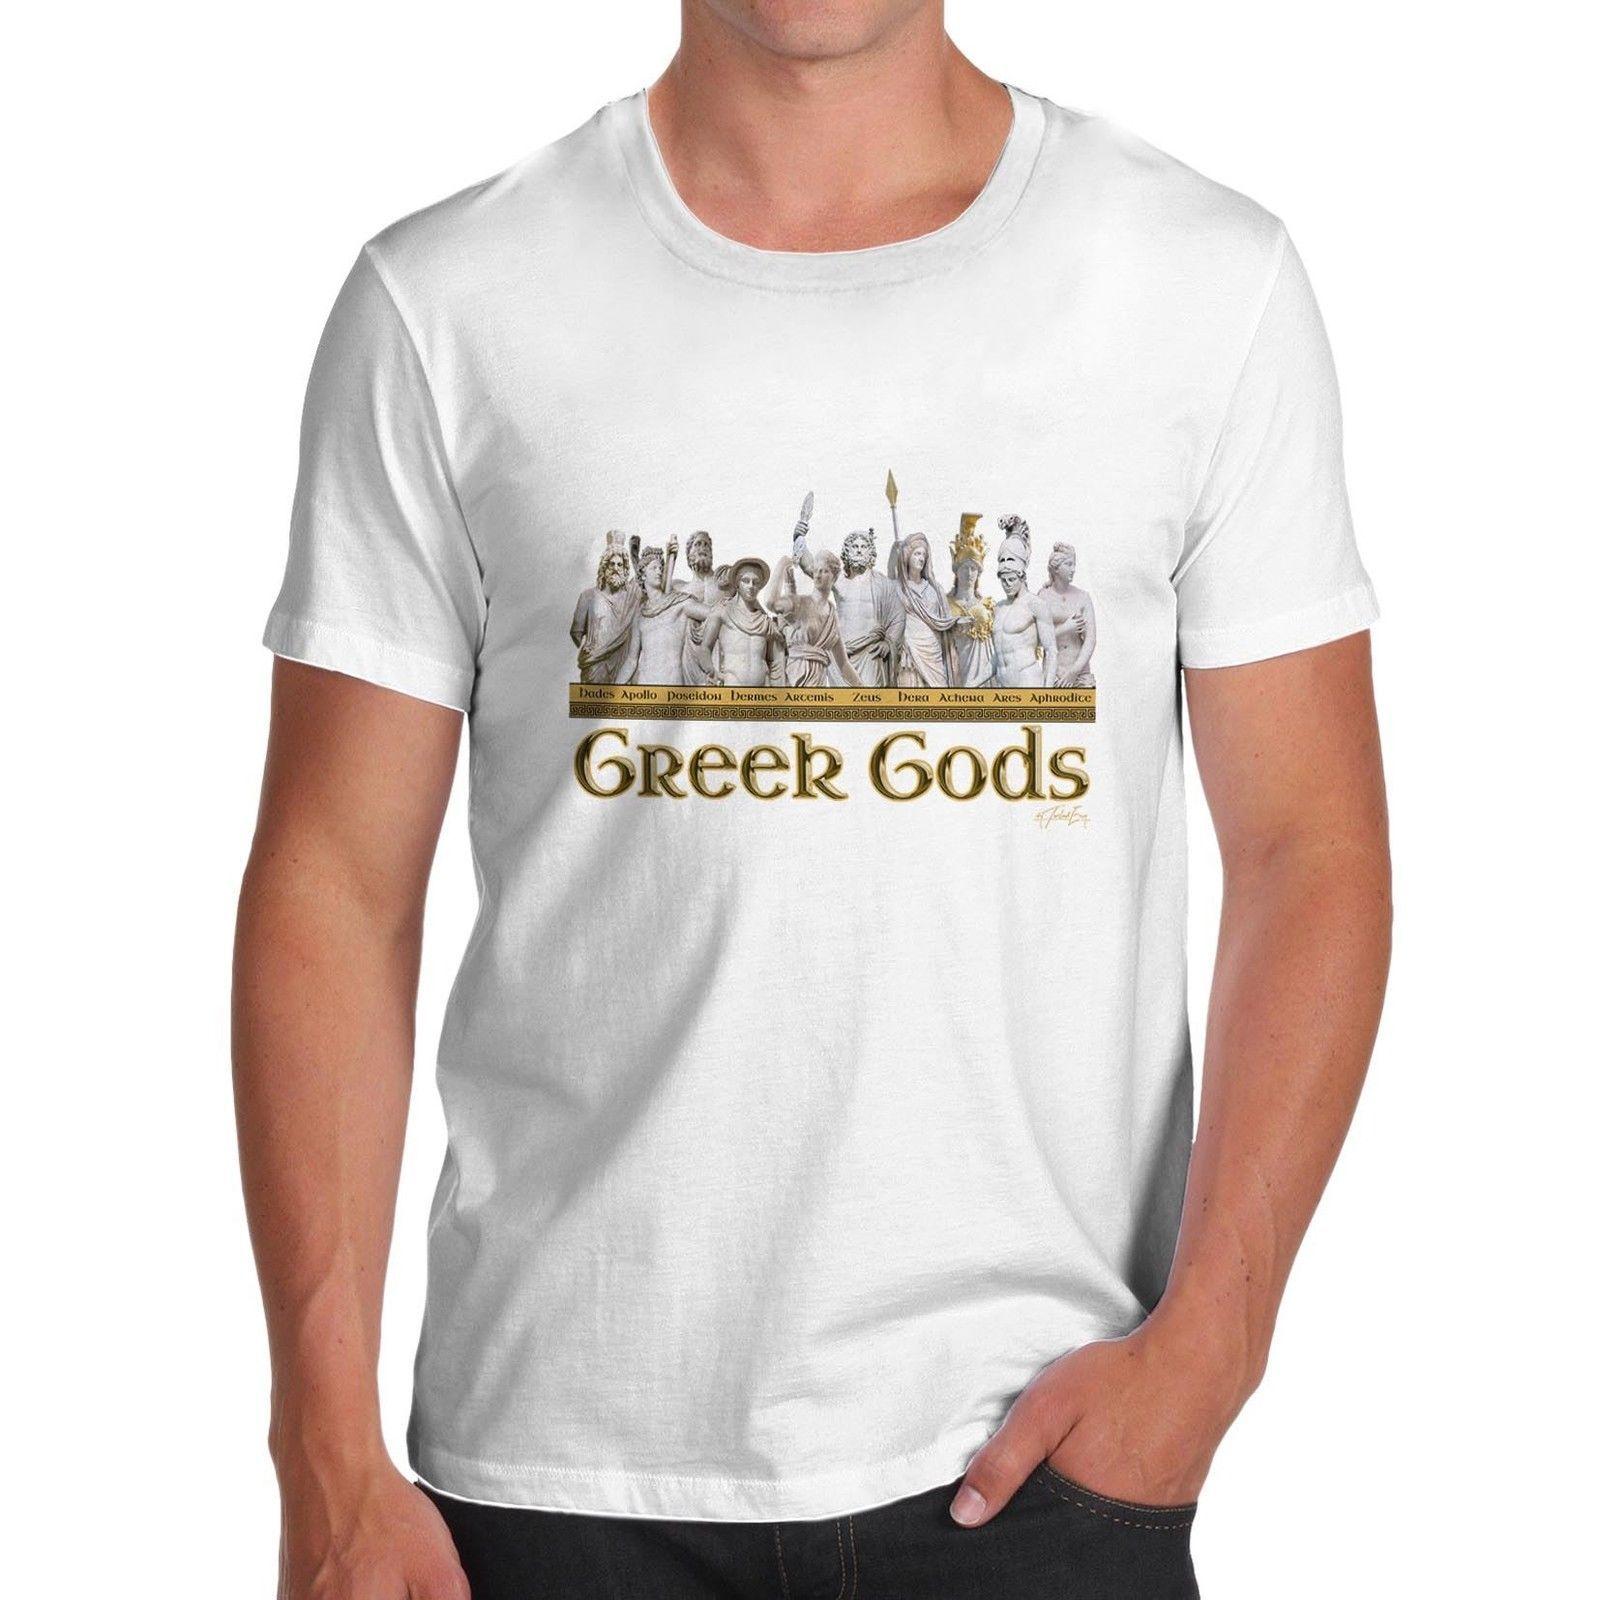 Greek Mythology T-Shirt, Poseidon Shirt, Mythology God, Printed T-Shirt, Designer T-Shirt, Gift Idea, Unisex Clothing, FREE SHIPPING